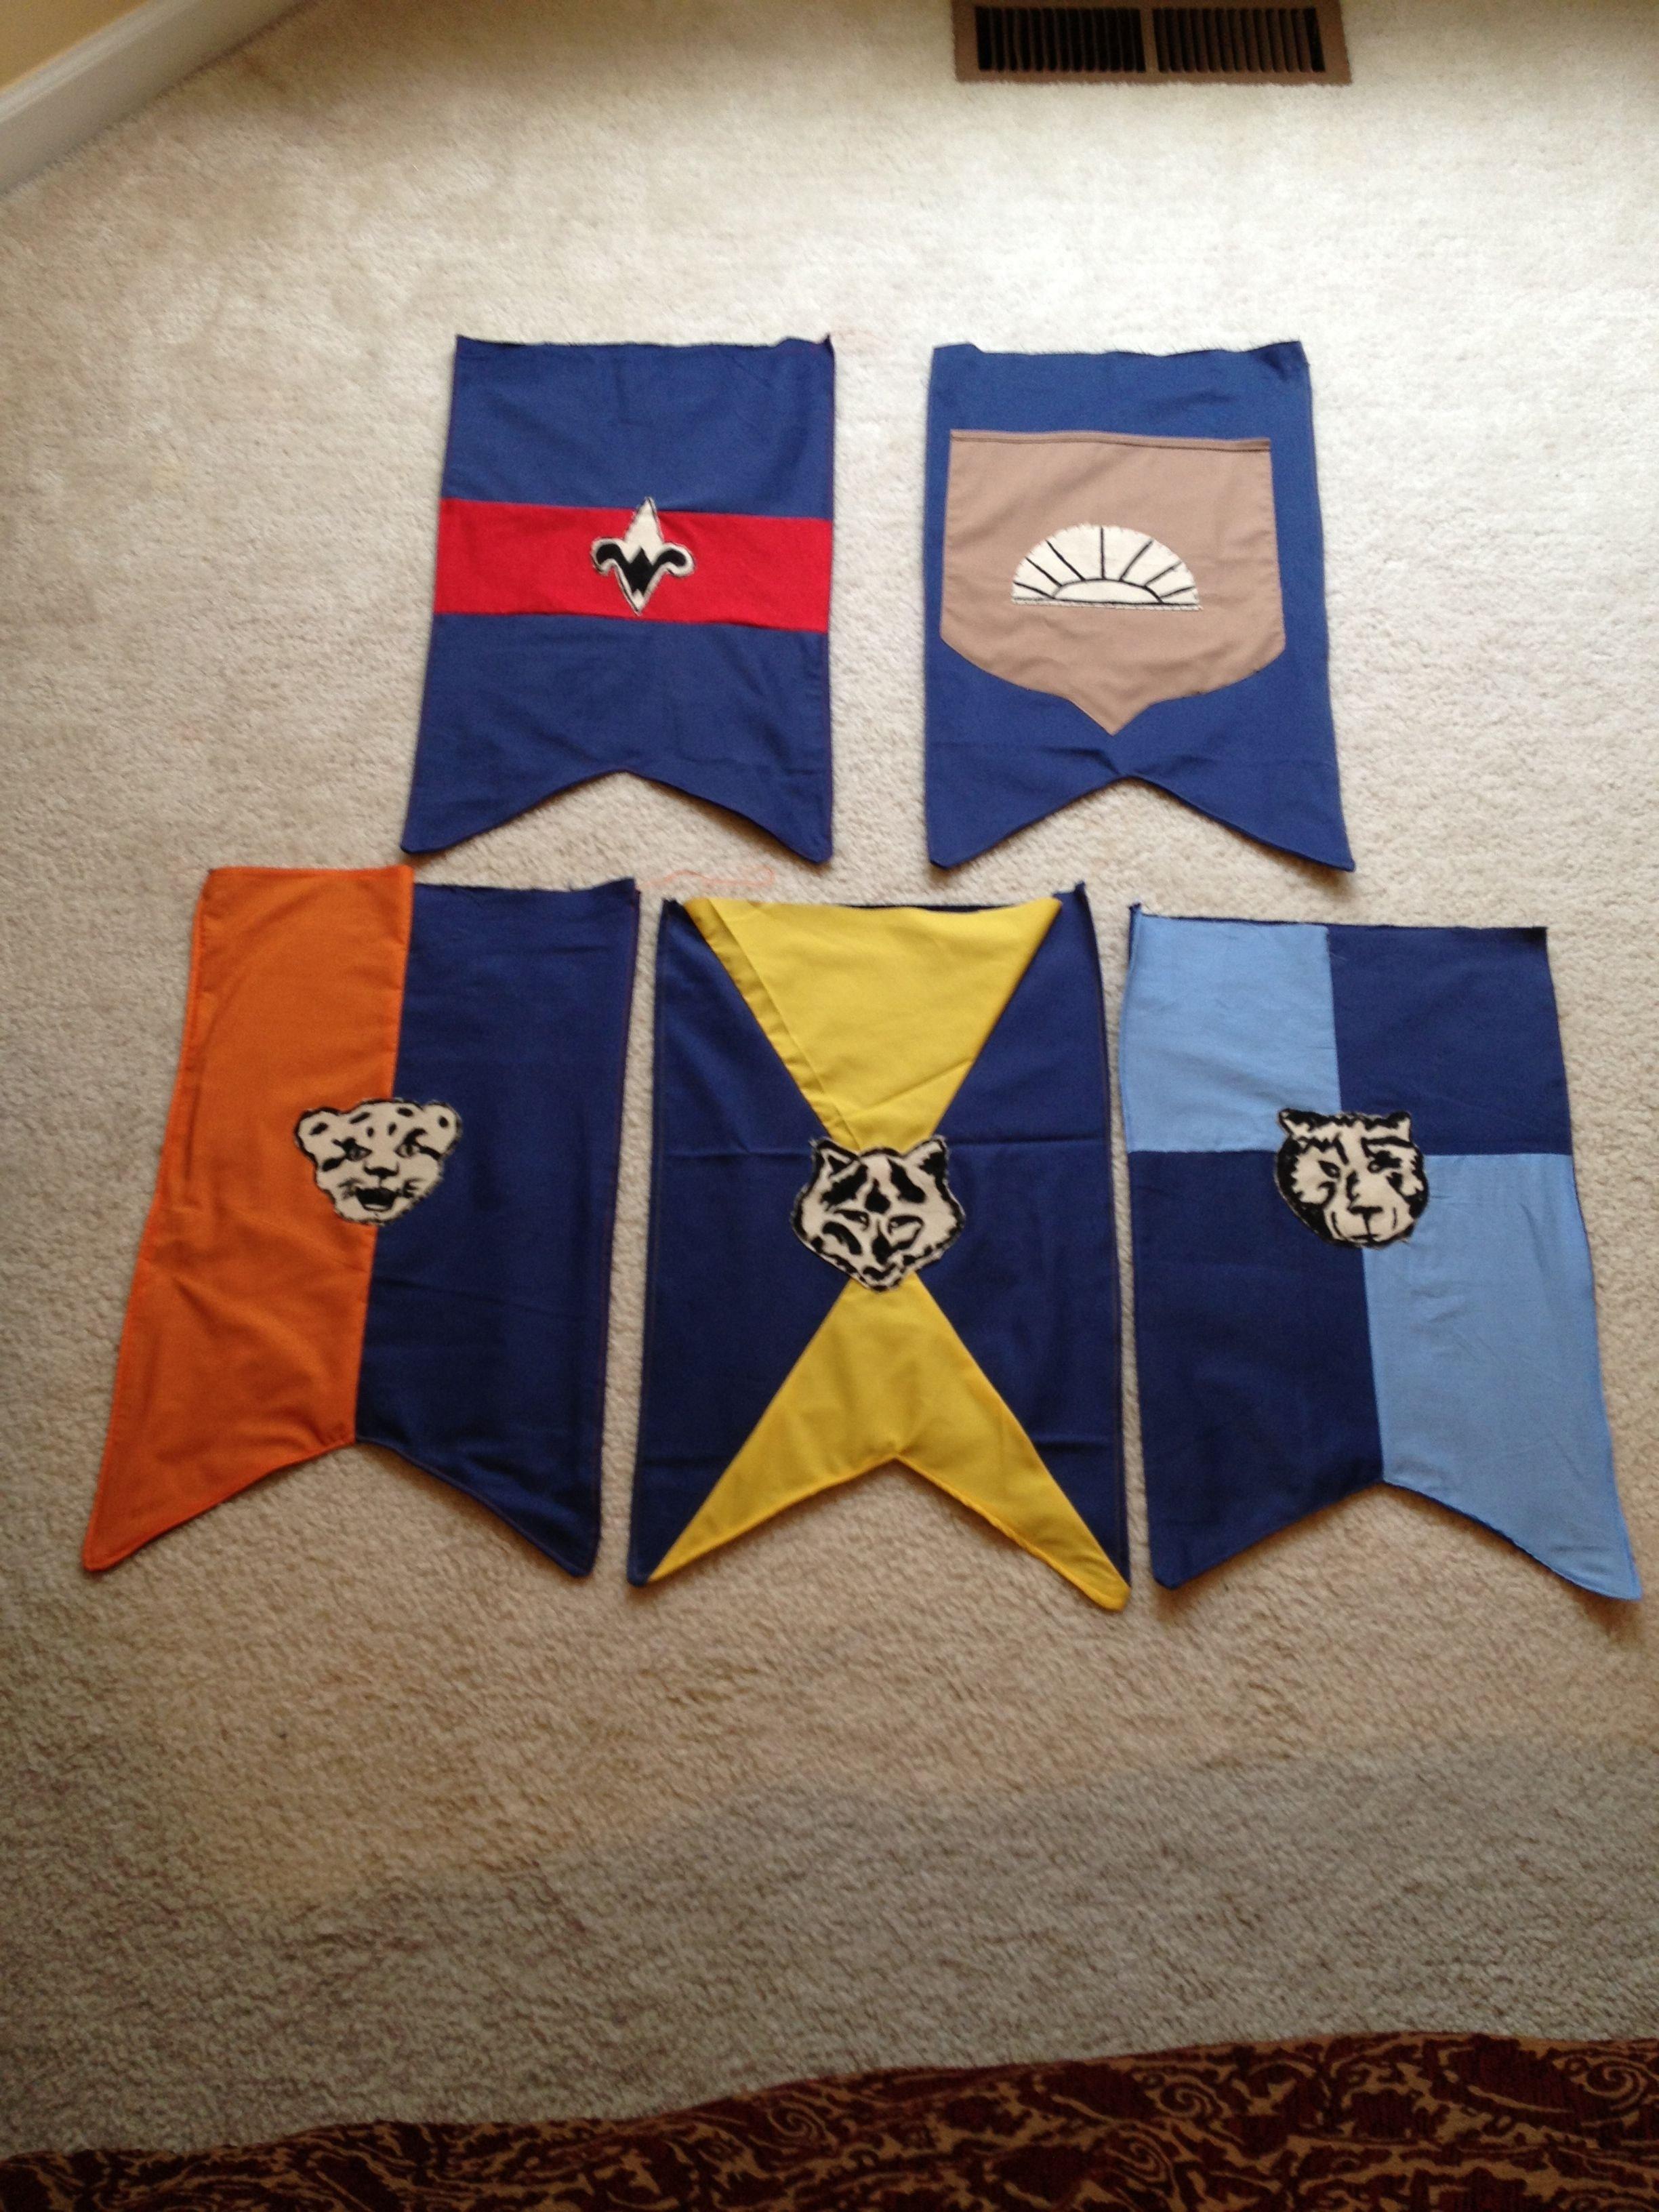 10 Pretty Cub Scout Den Flag Ideas cub scout den flags cub scout ideas pinterest cub scout den 2021